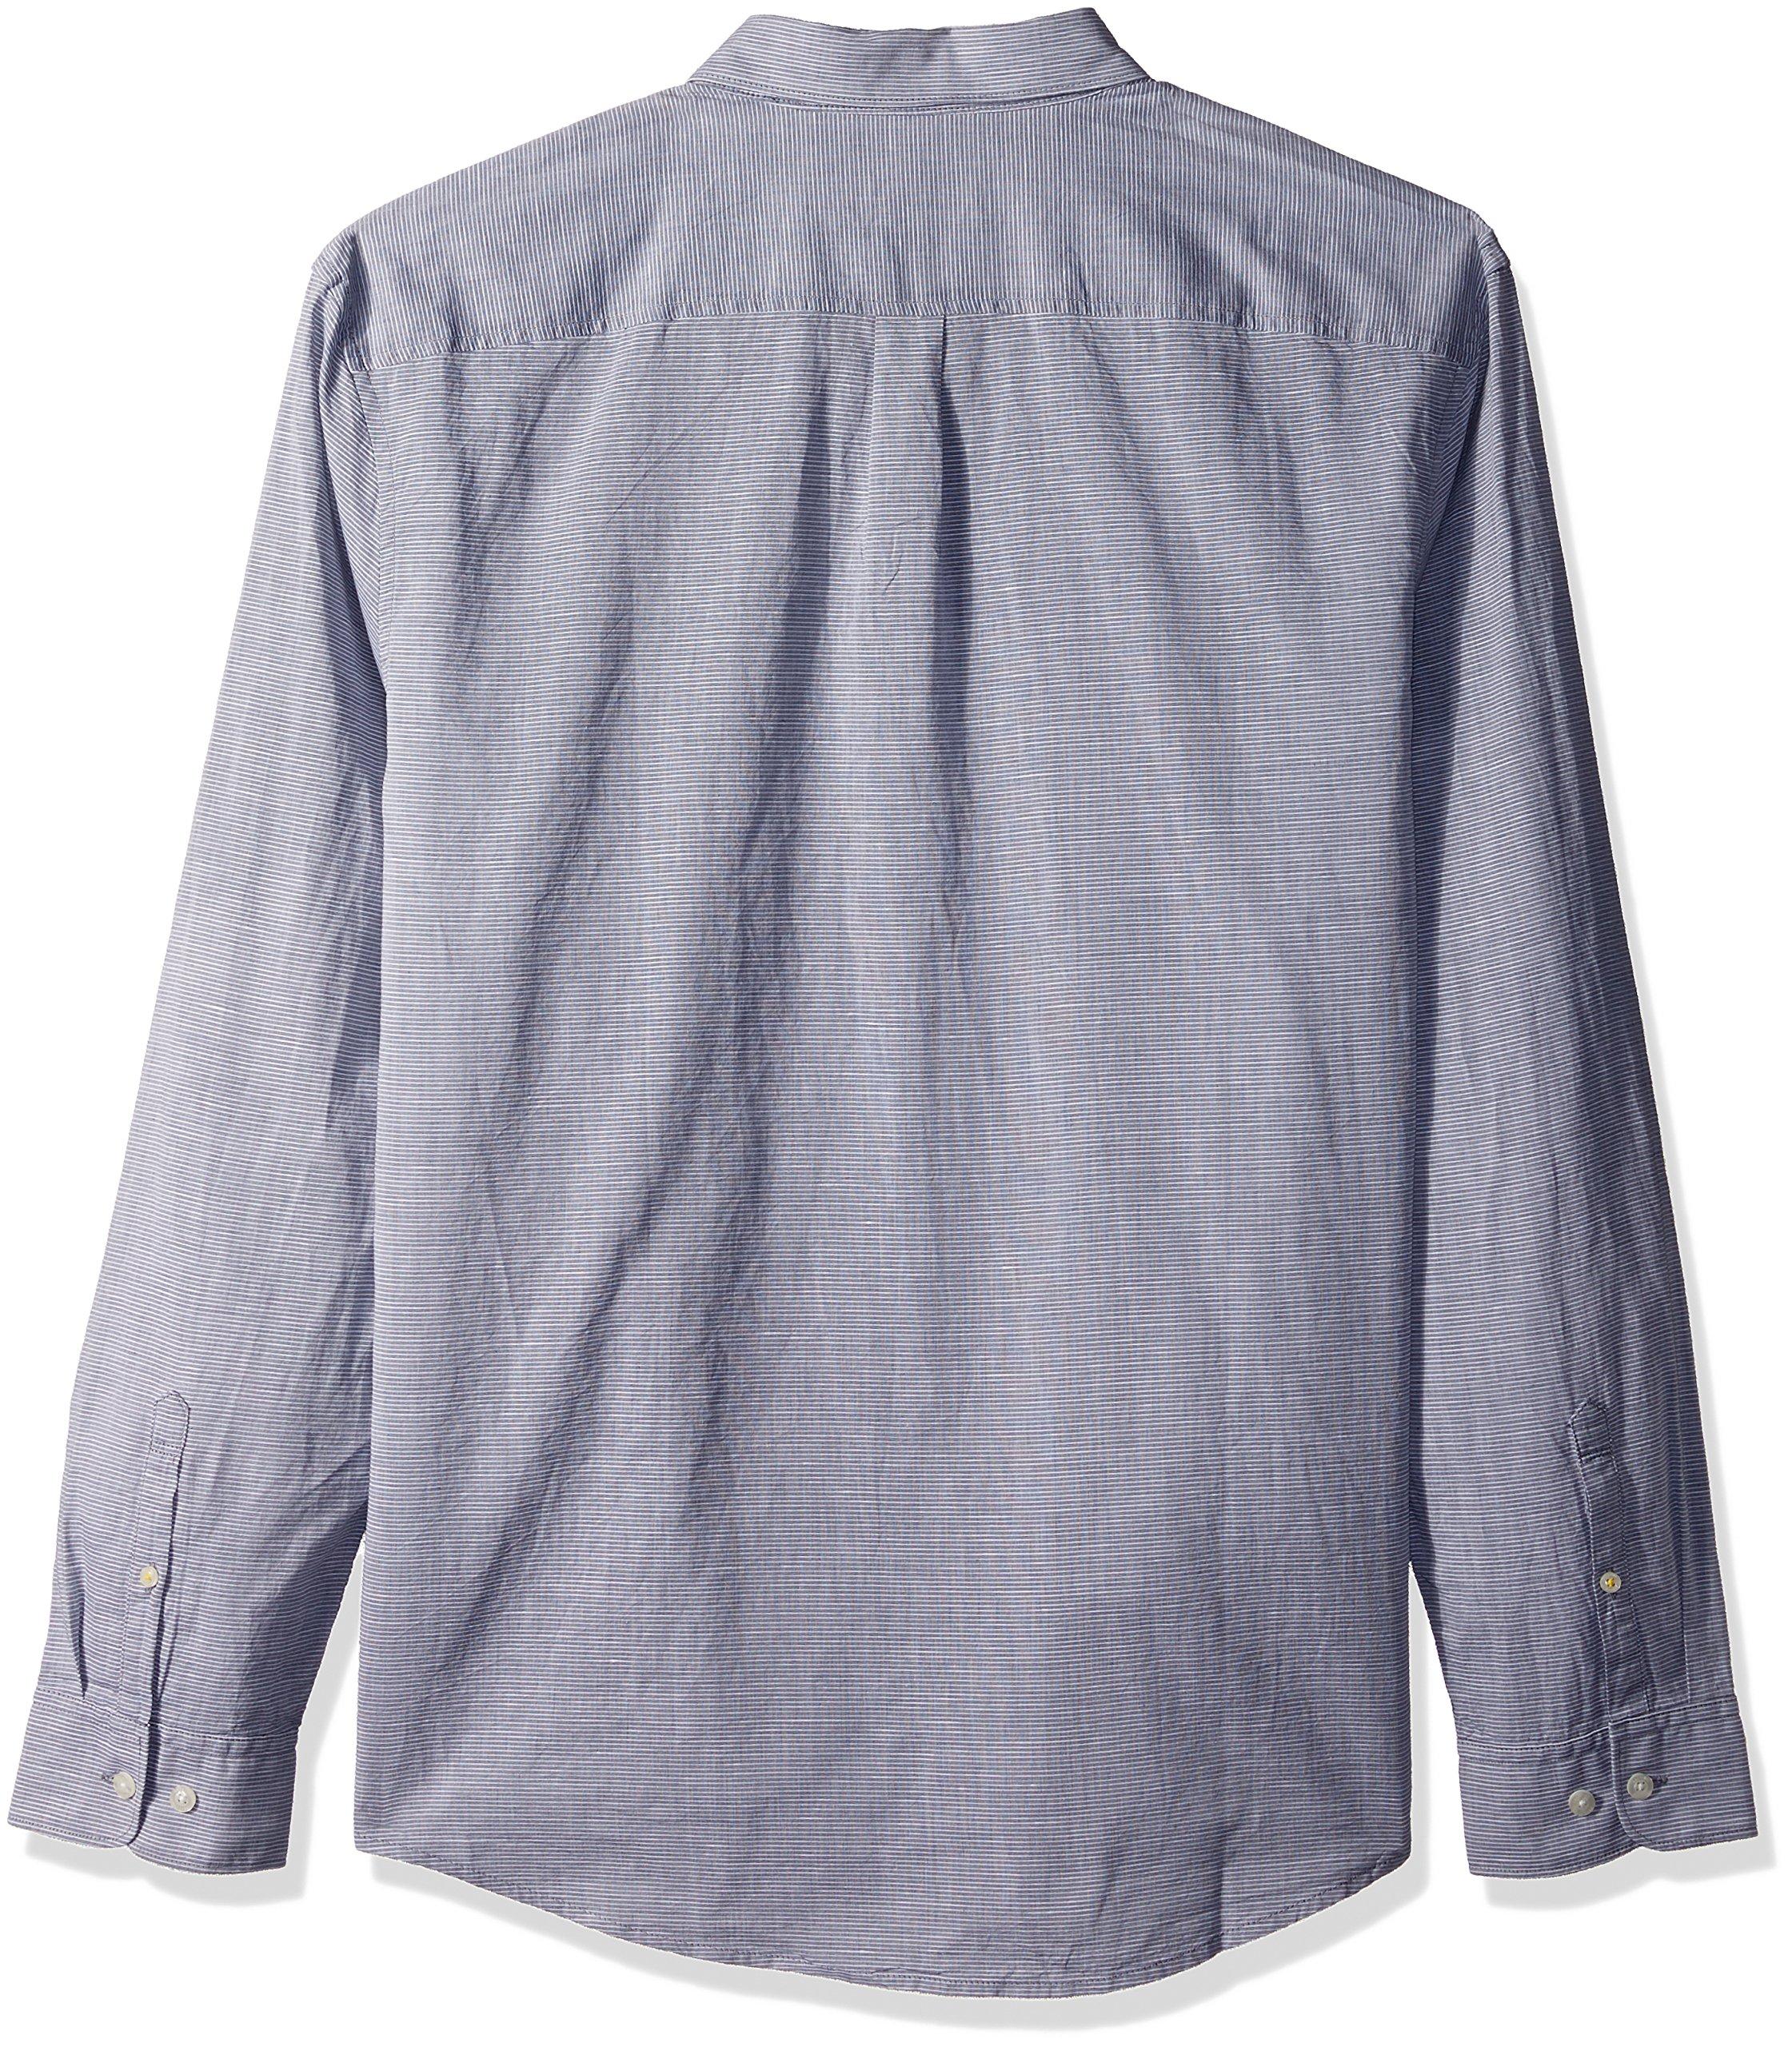 Original Penguin Men's Long Sleeve Slub Linen Feeder Stripe Woven Shirt, Dark Sapphire, Large by Original Penguin (Image #2)